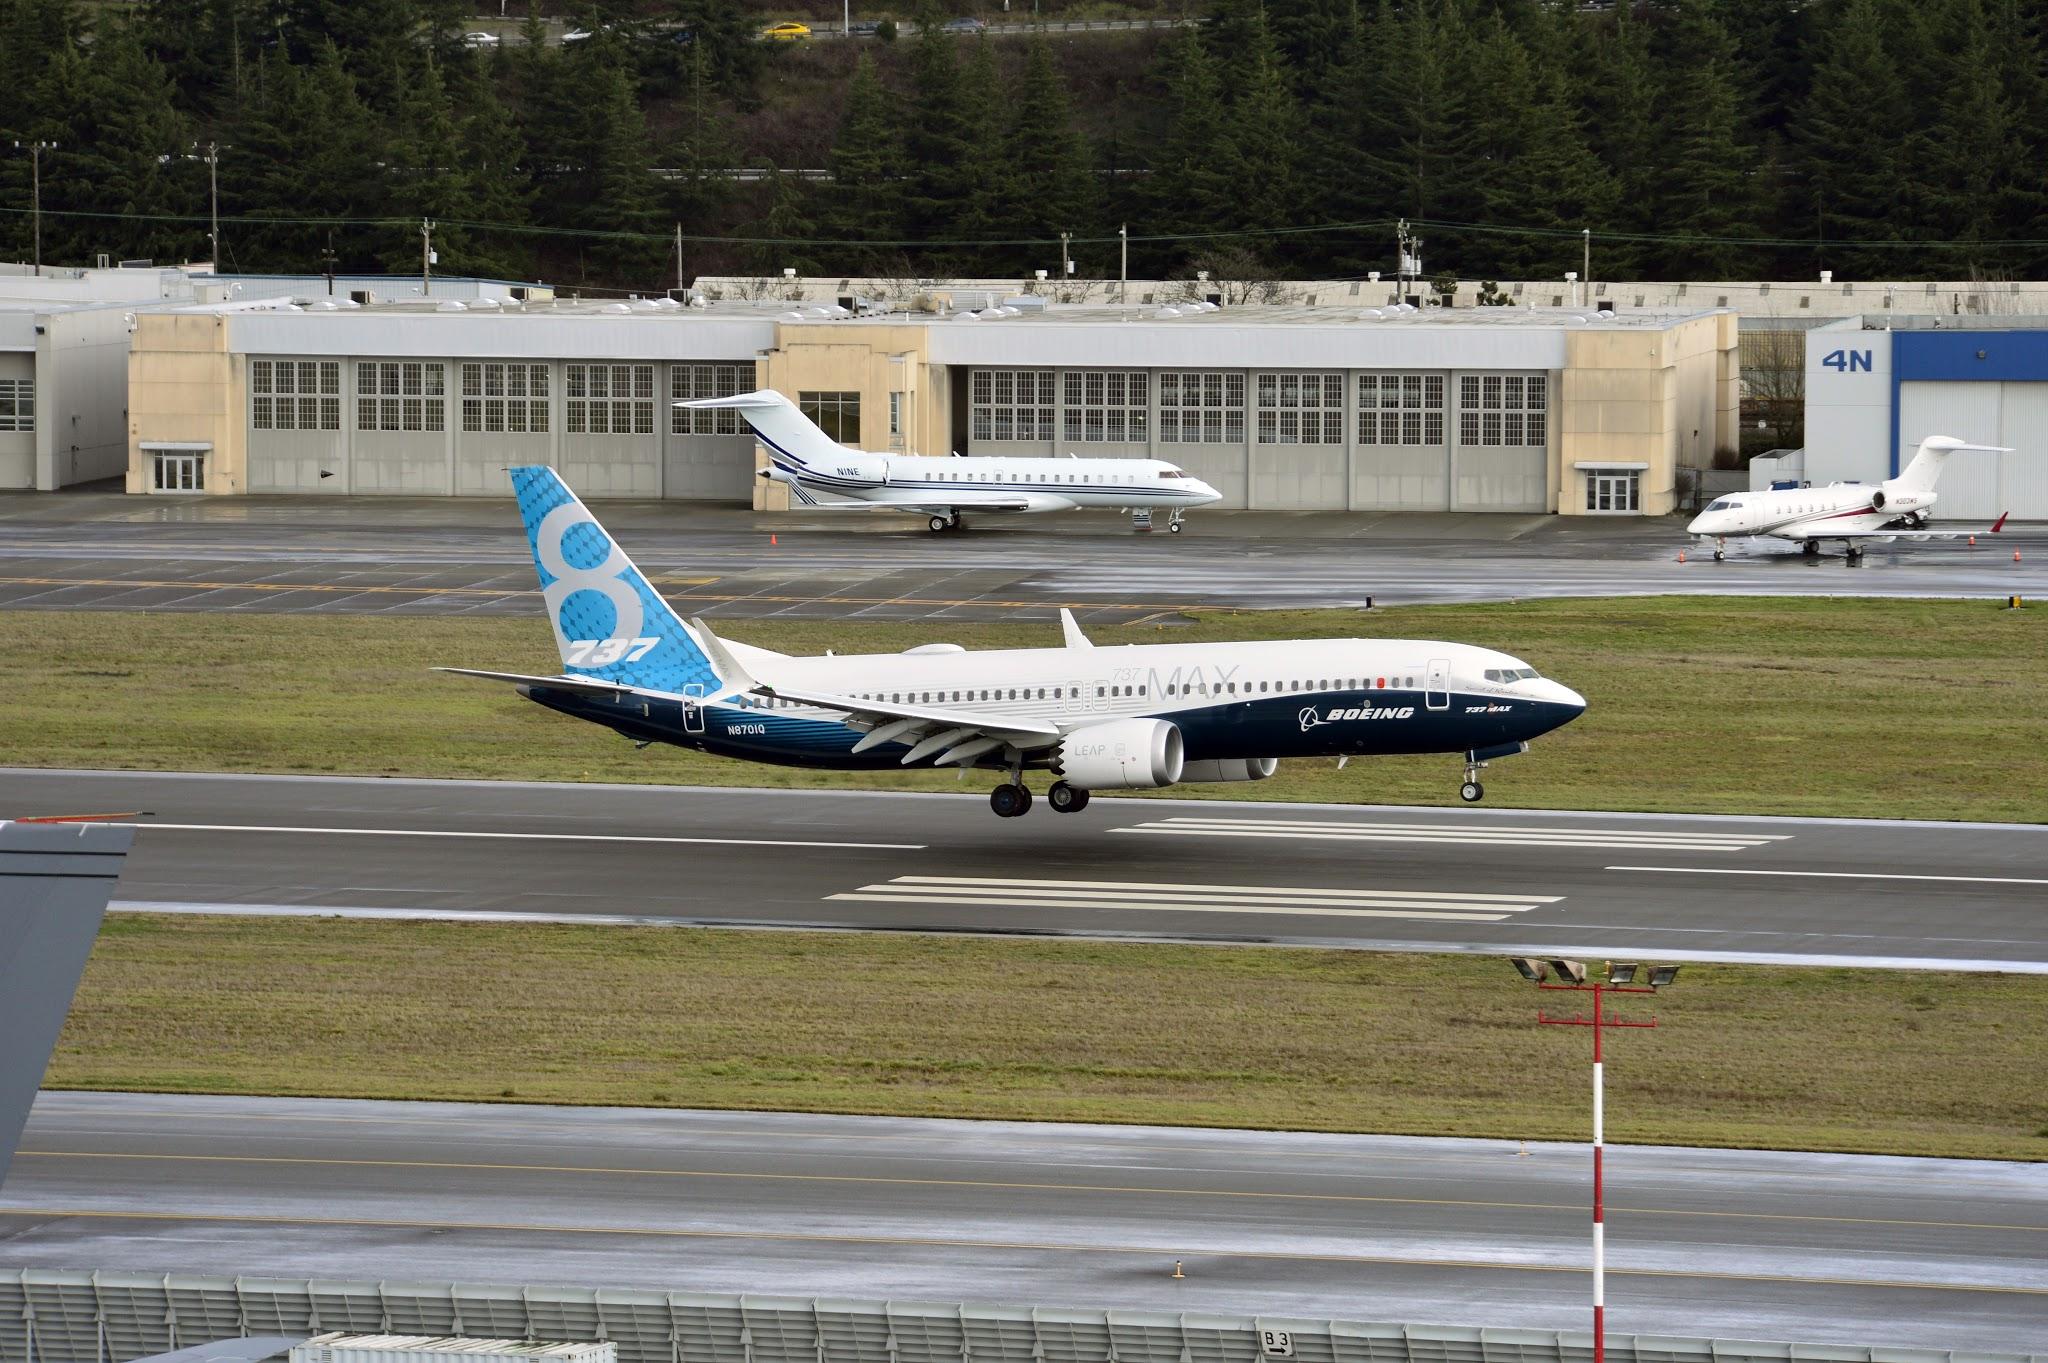 É MAIS QUE VOAR   Voou pela primeira vez o Boeing 737 MAX – Veja imagens!